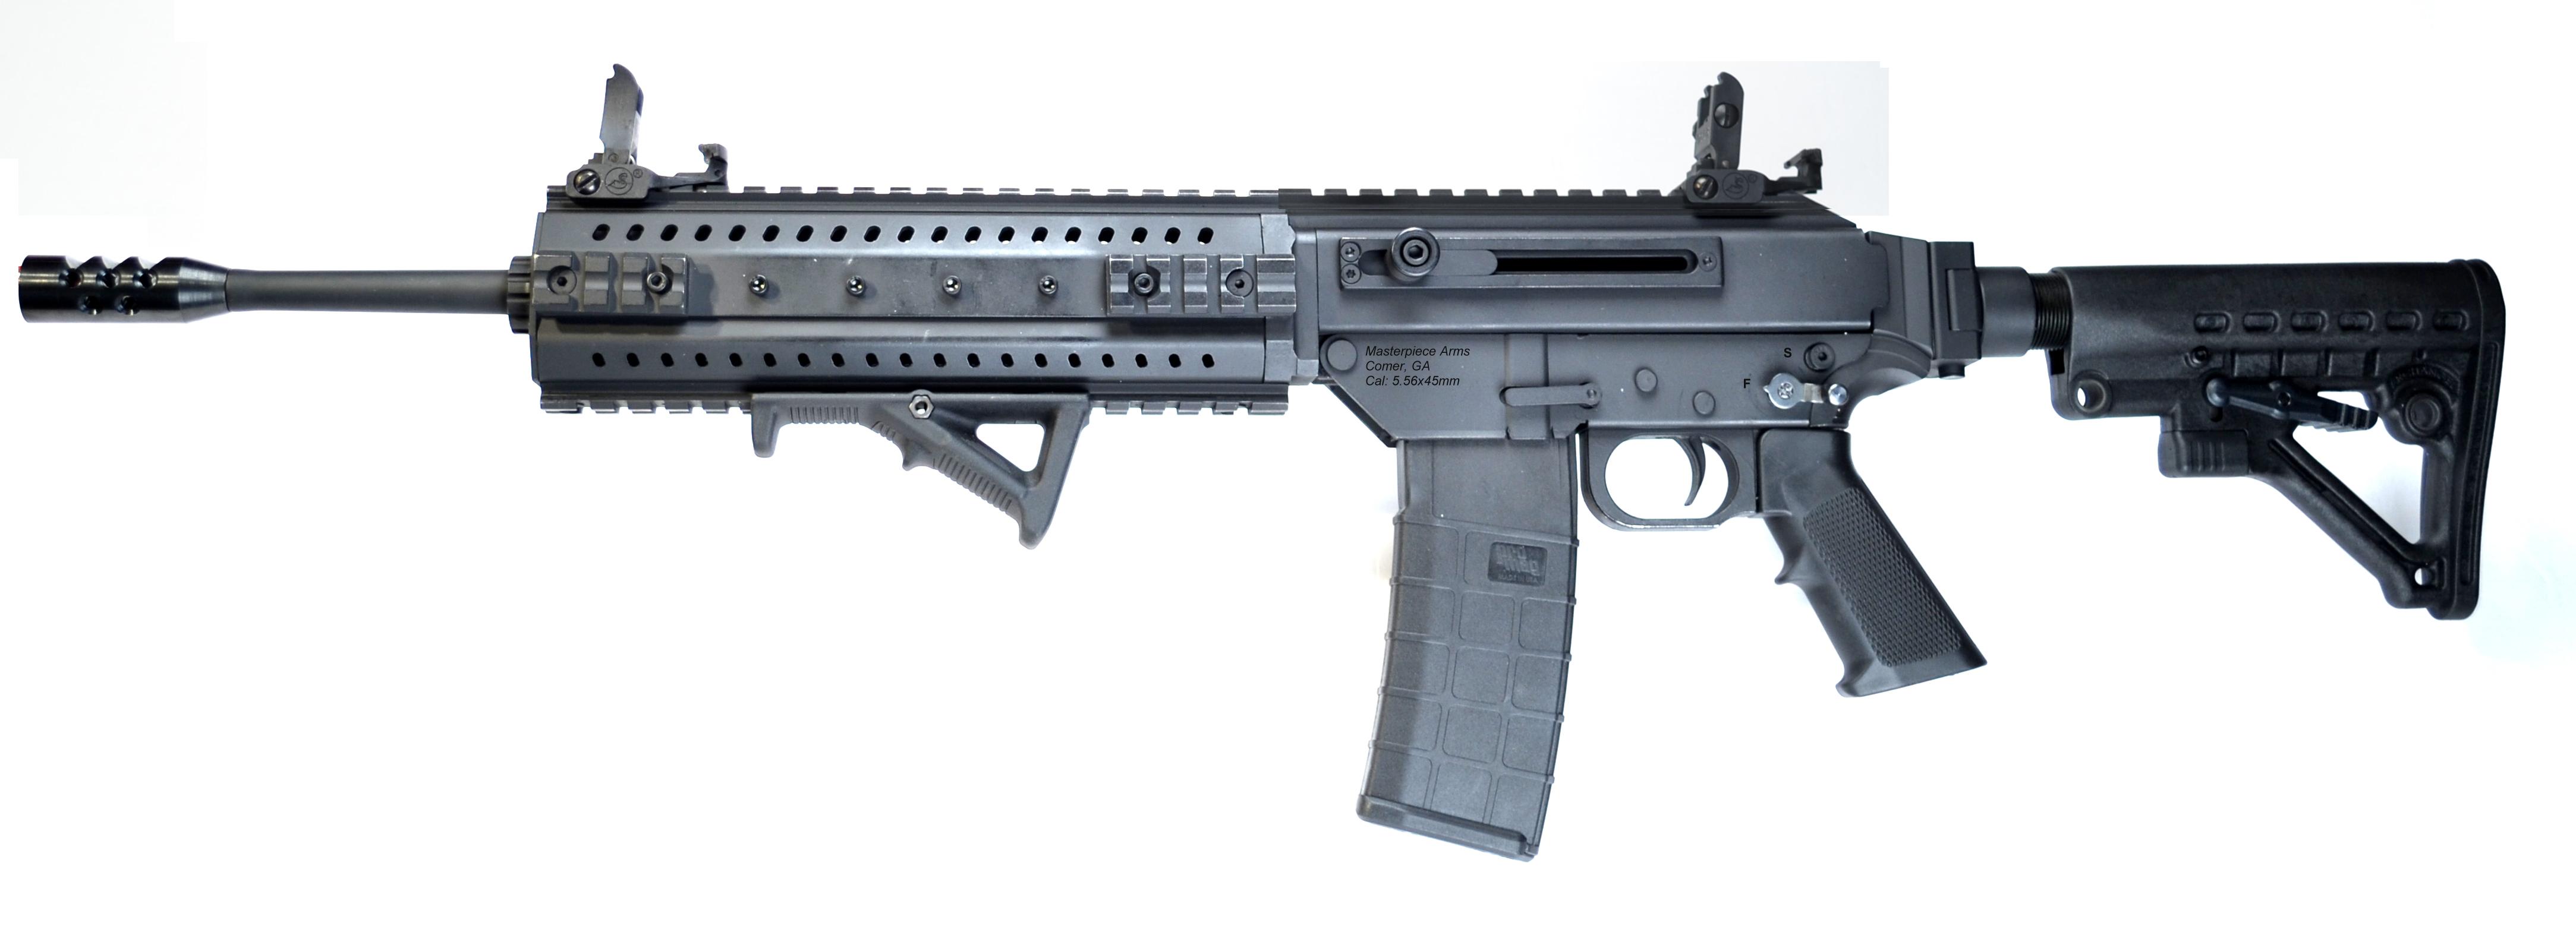 MPAR556d